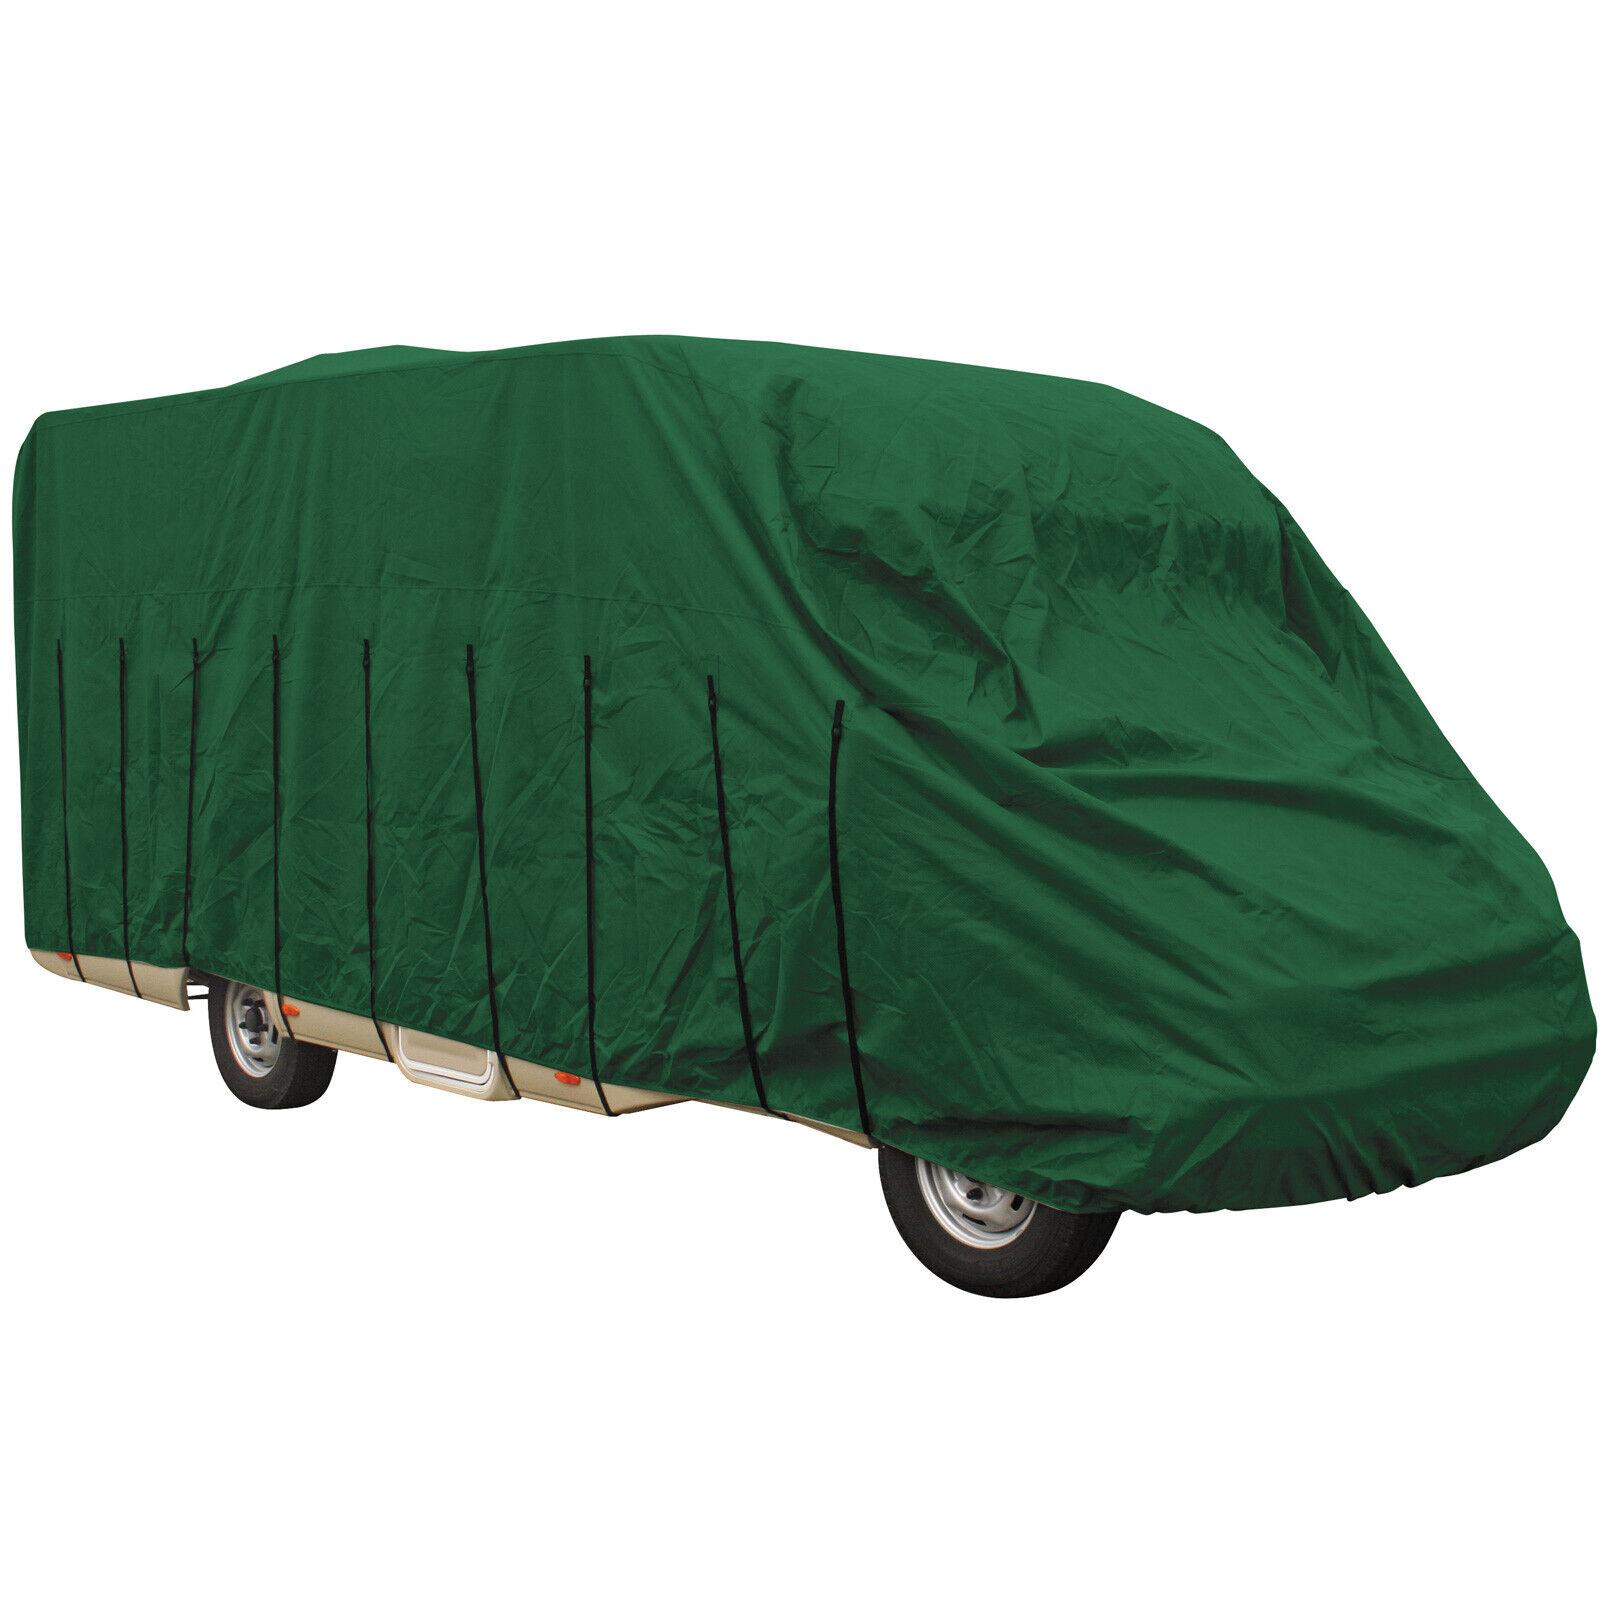 Wohnmobil Abdeckung 5,3-8m Schutzhülle Cover Plane Schutzhaube Camper Garage